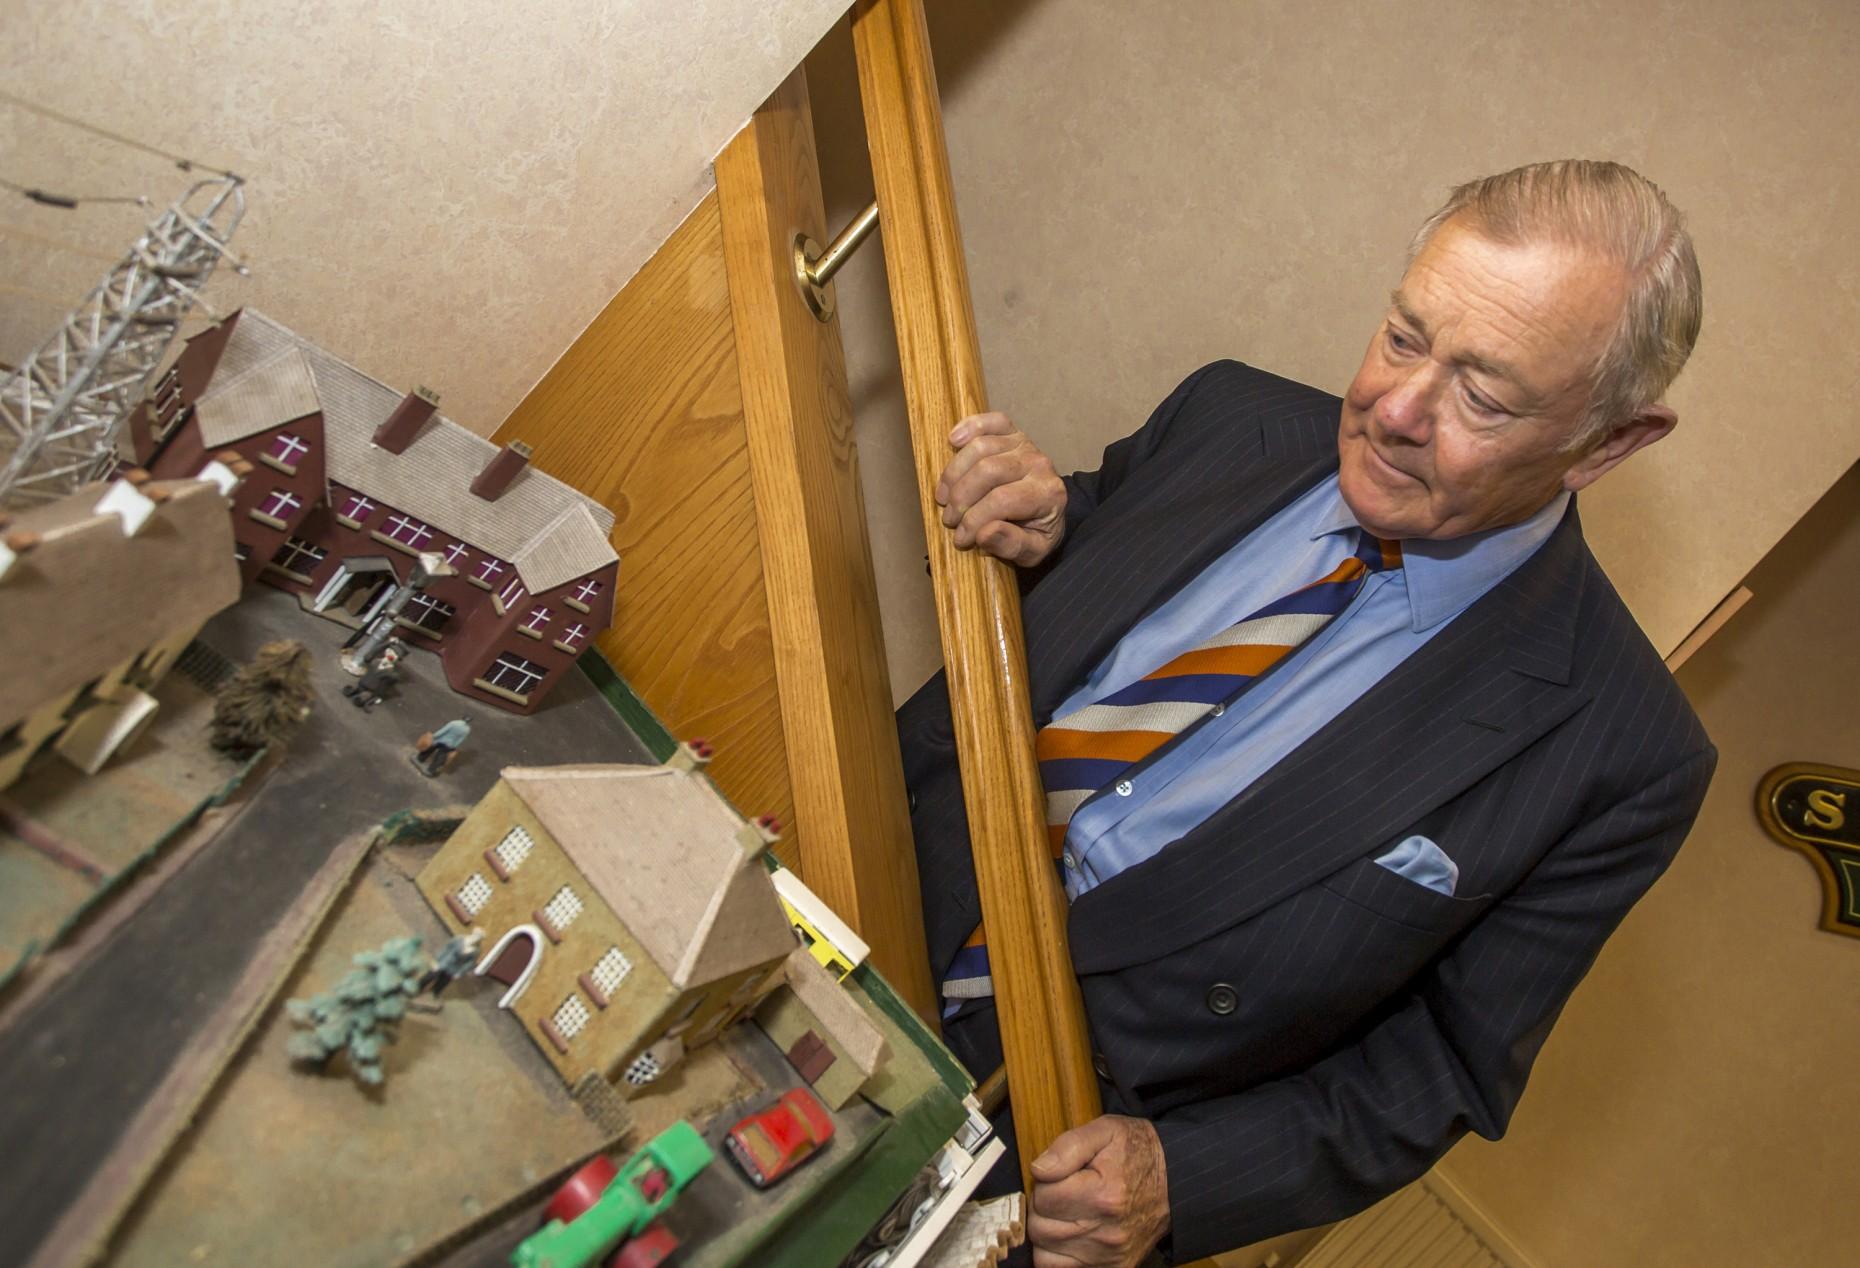 John Clugston, Chairman for Clugston Group. Photo: Sean Strange